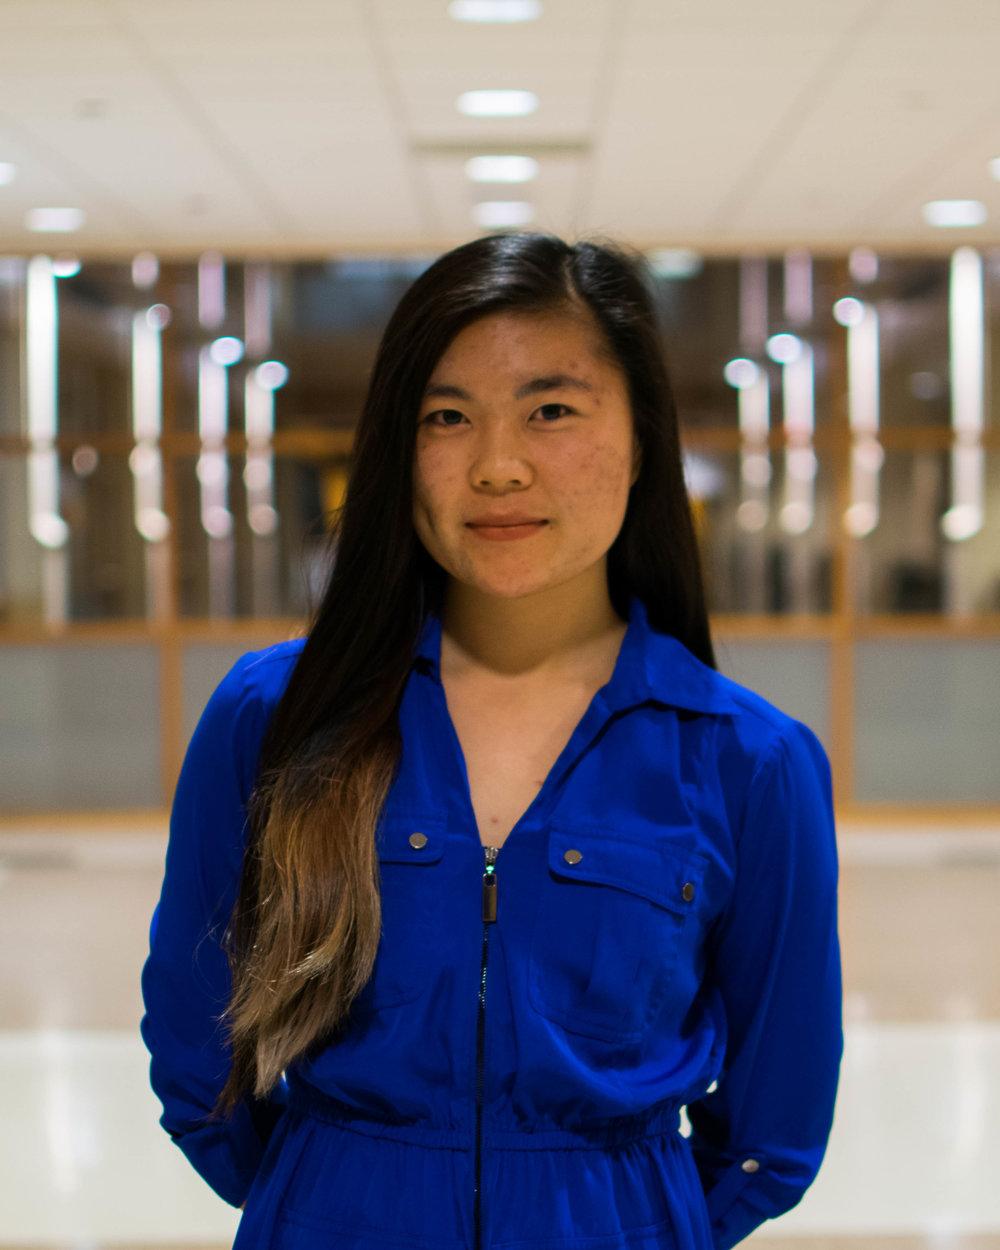 Judy Chen Vice President of Membership terpama.membership@gmail.com